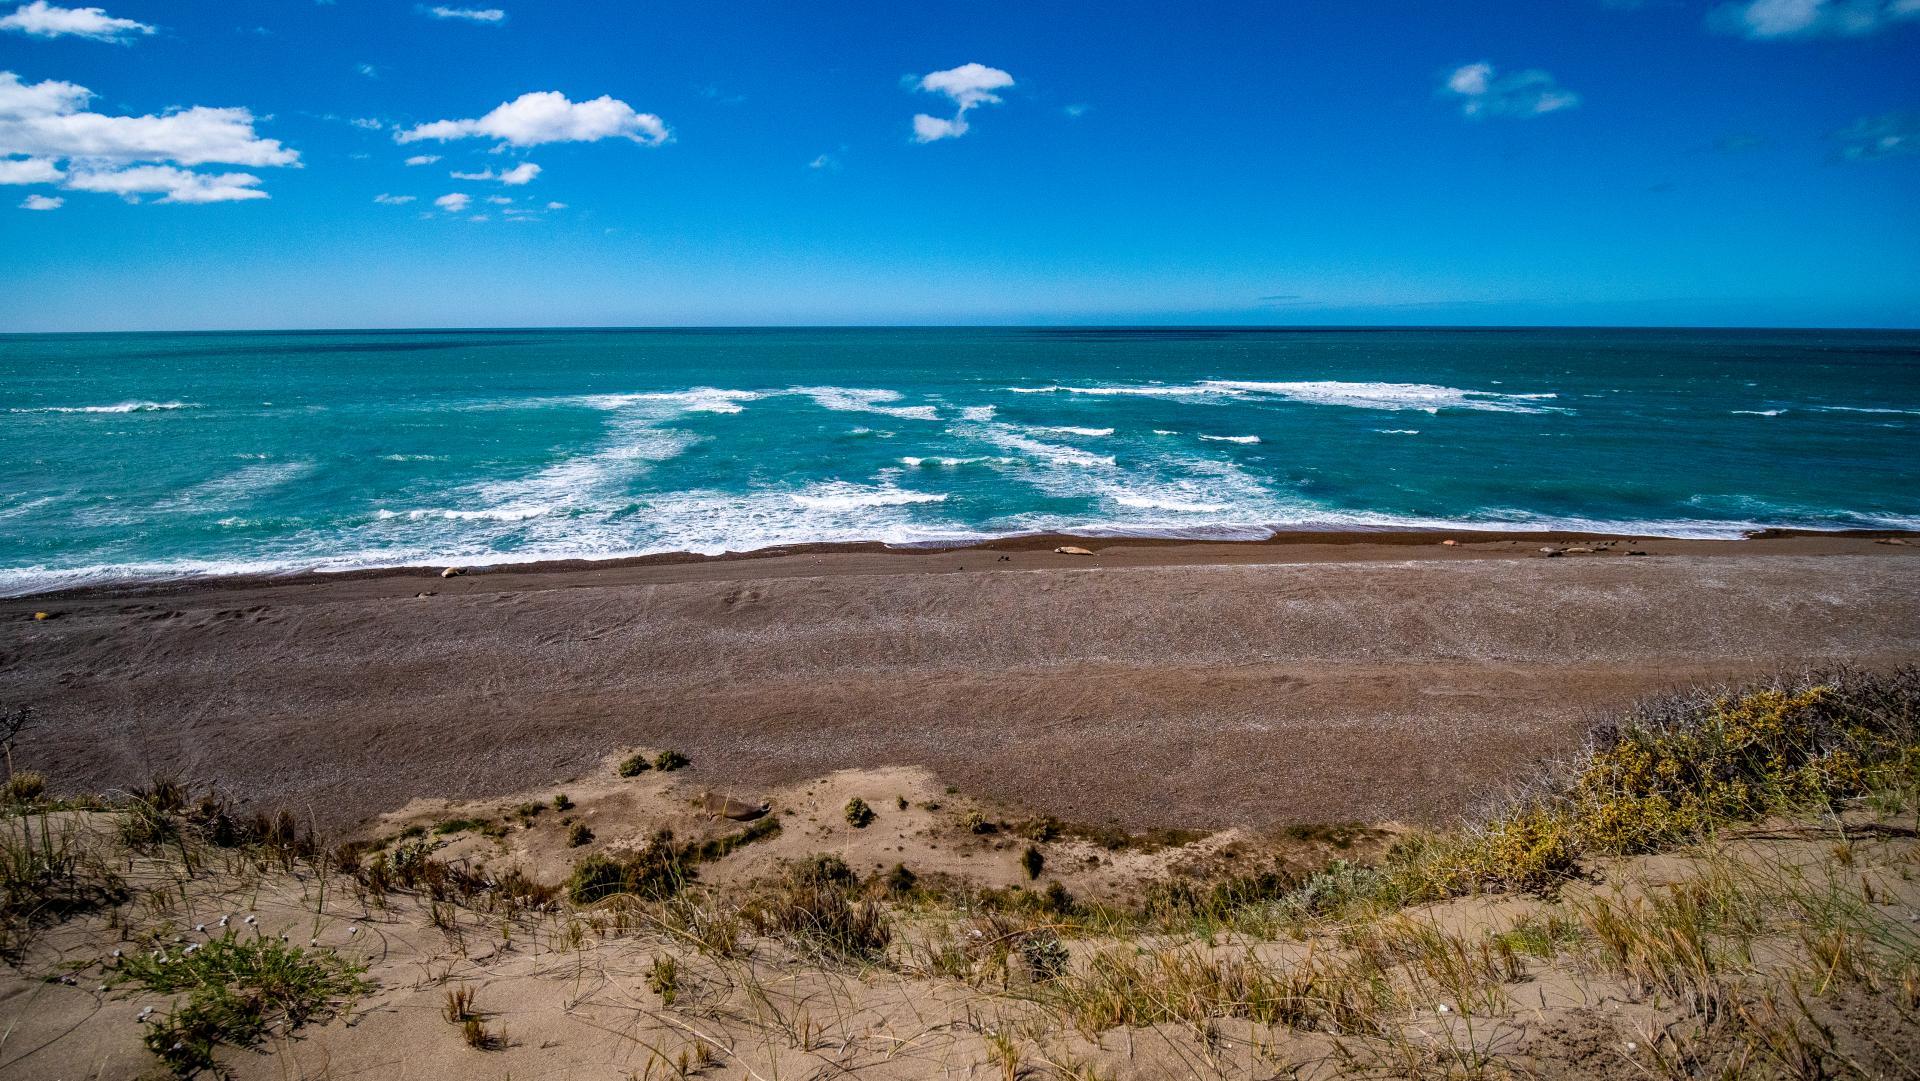 Entdecken Sie die Schönheit der Natur Patagoniens auf Ihrer Argentinien Reise